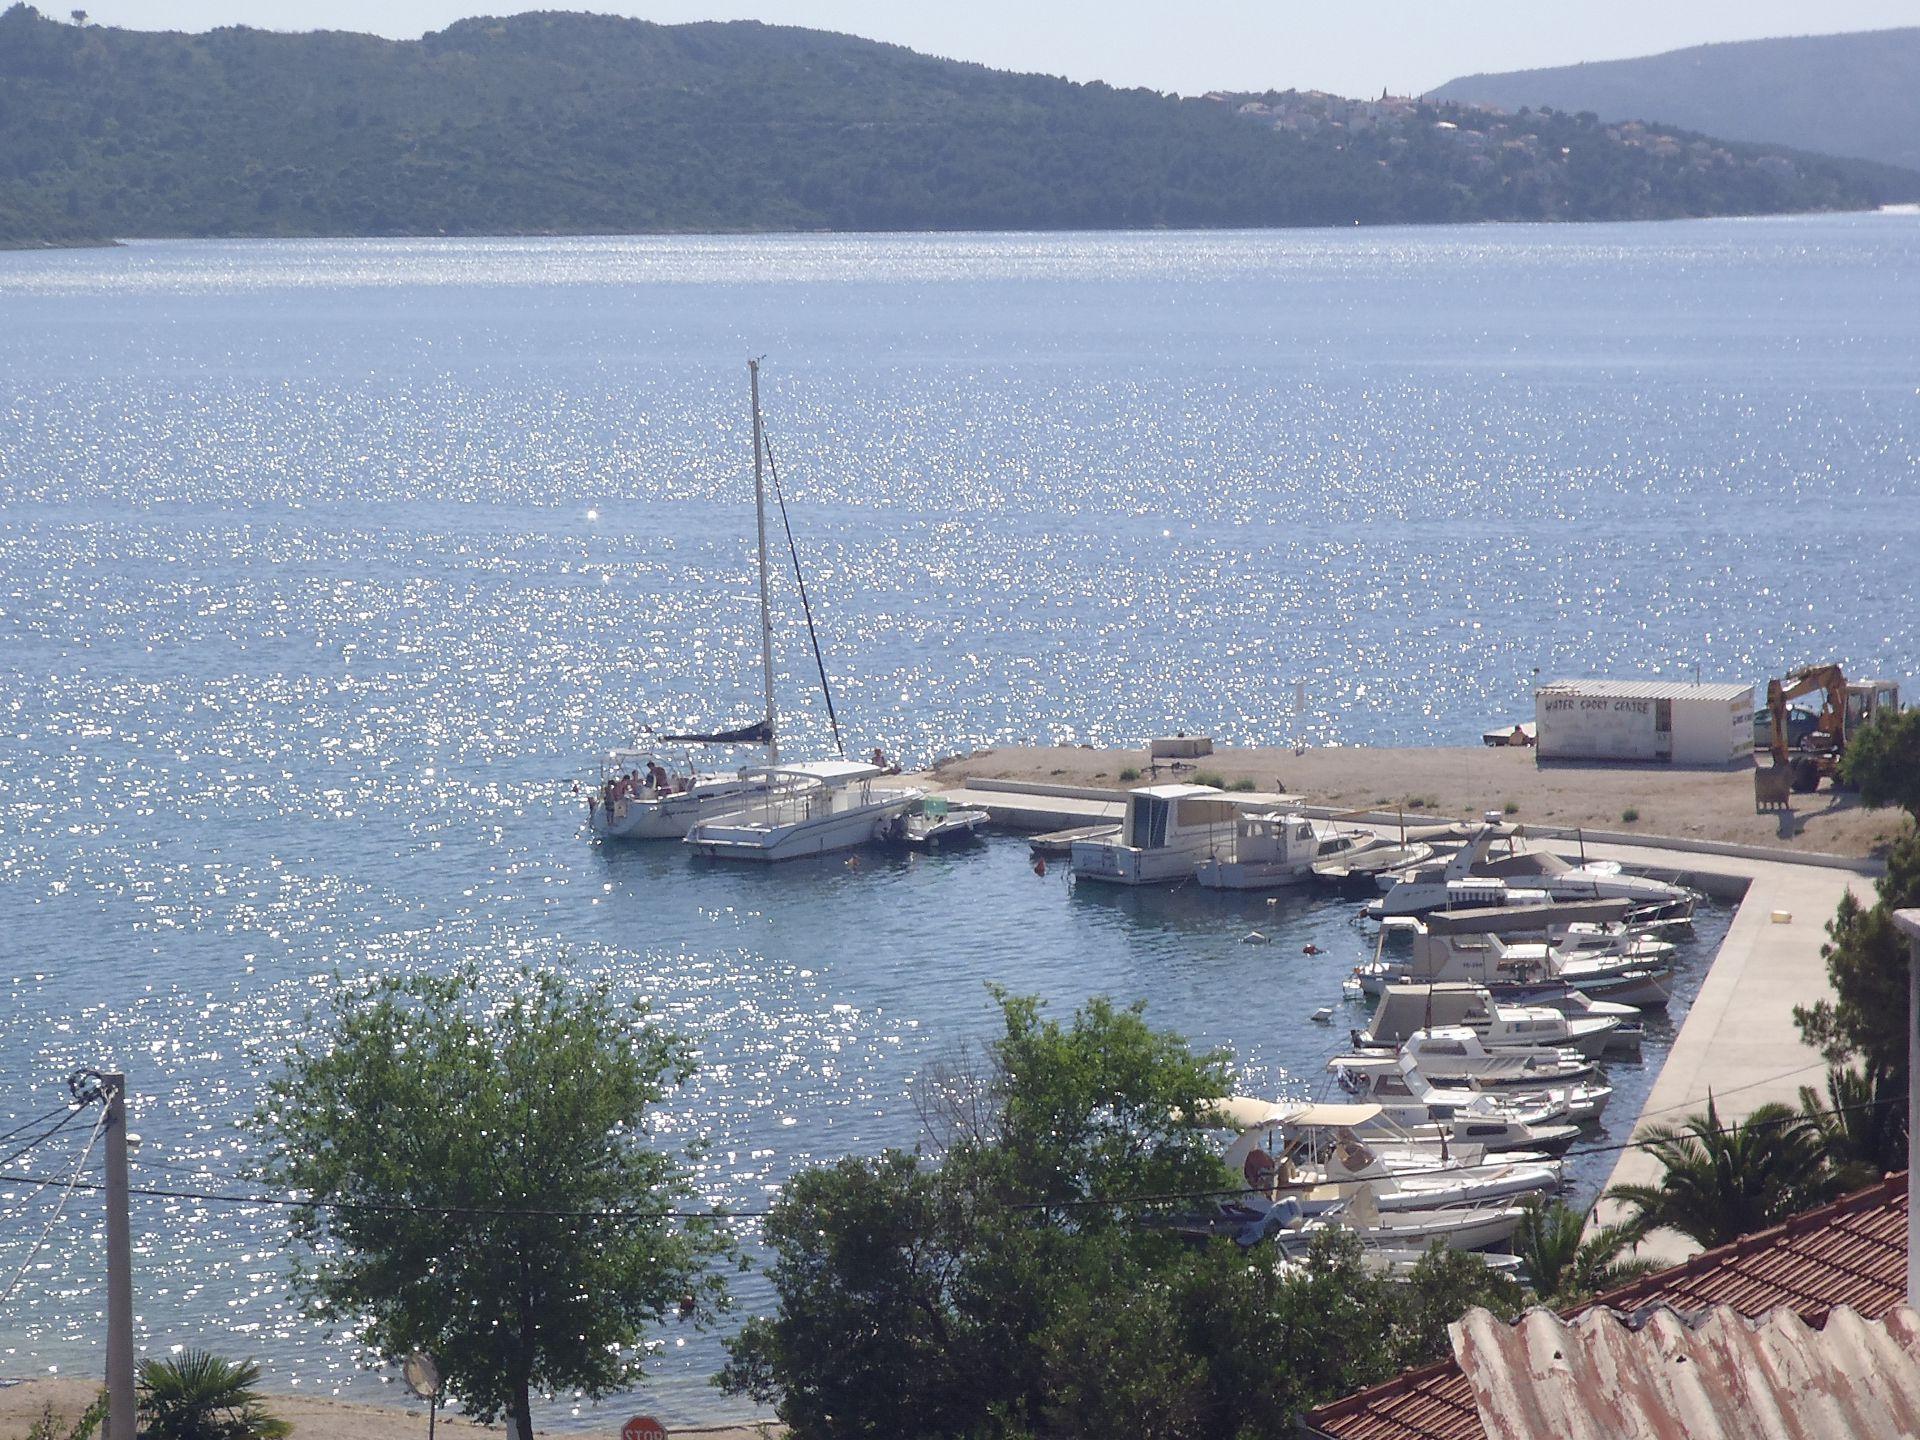 35306 - Okrug Gornji - Appartamenti Croazia - lo sguardo